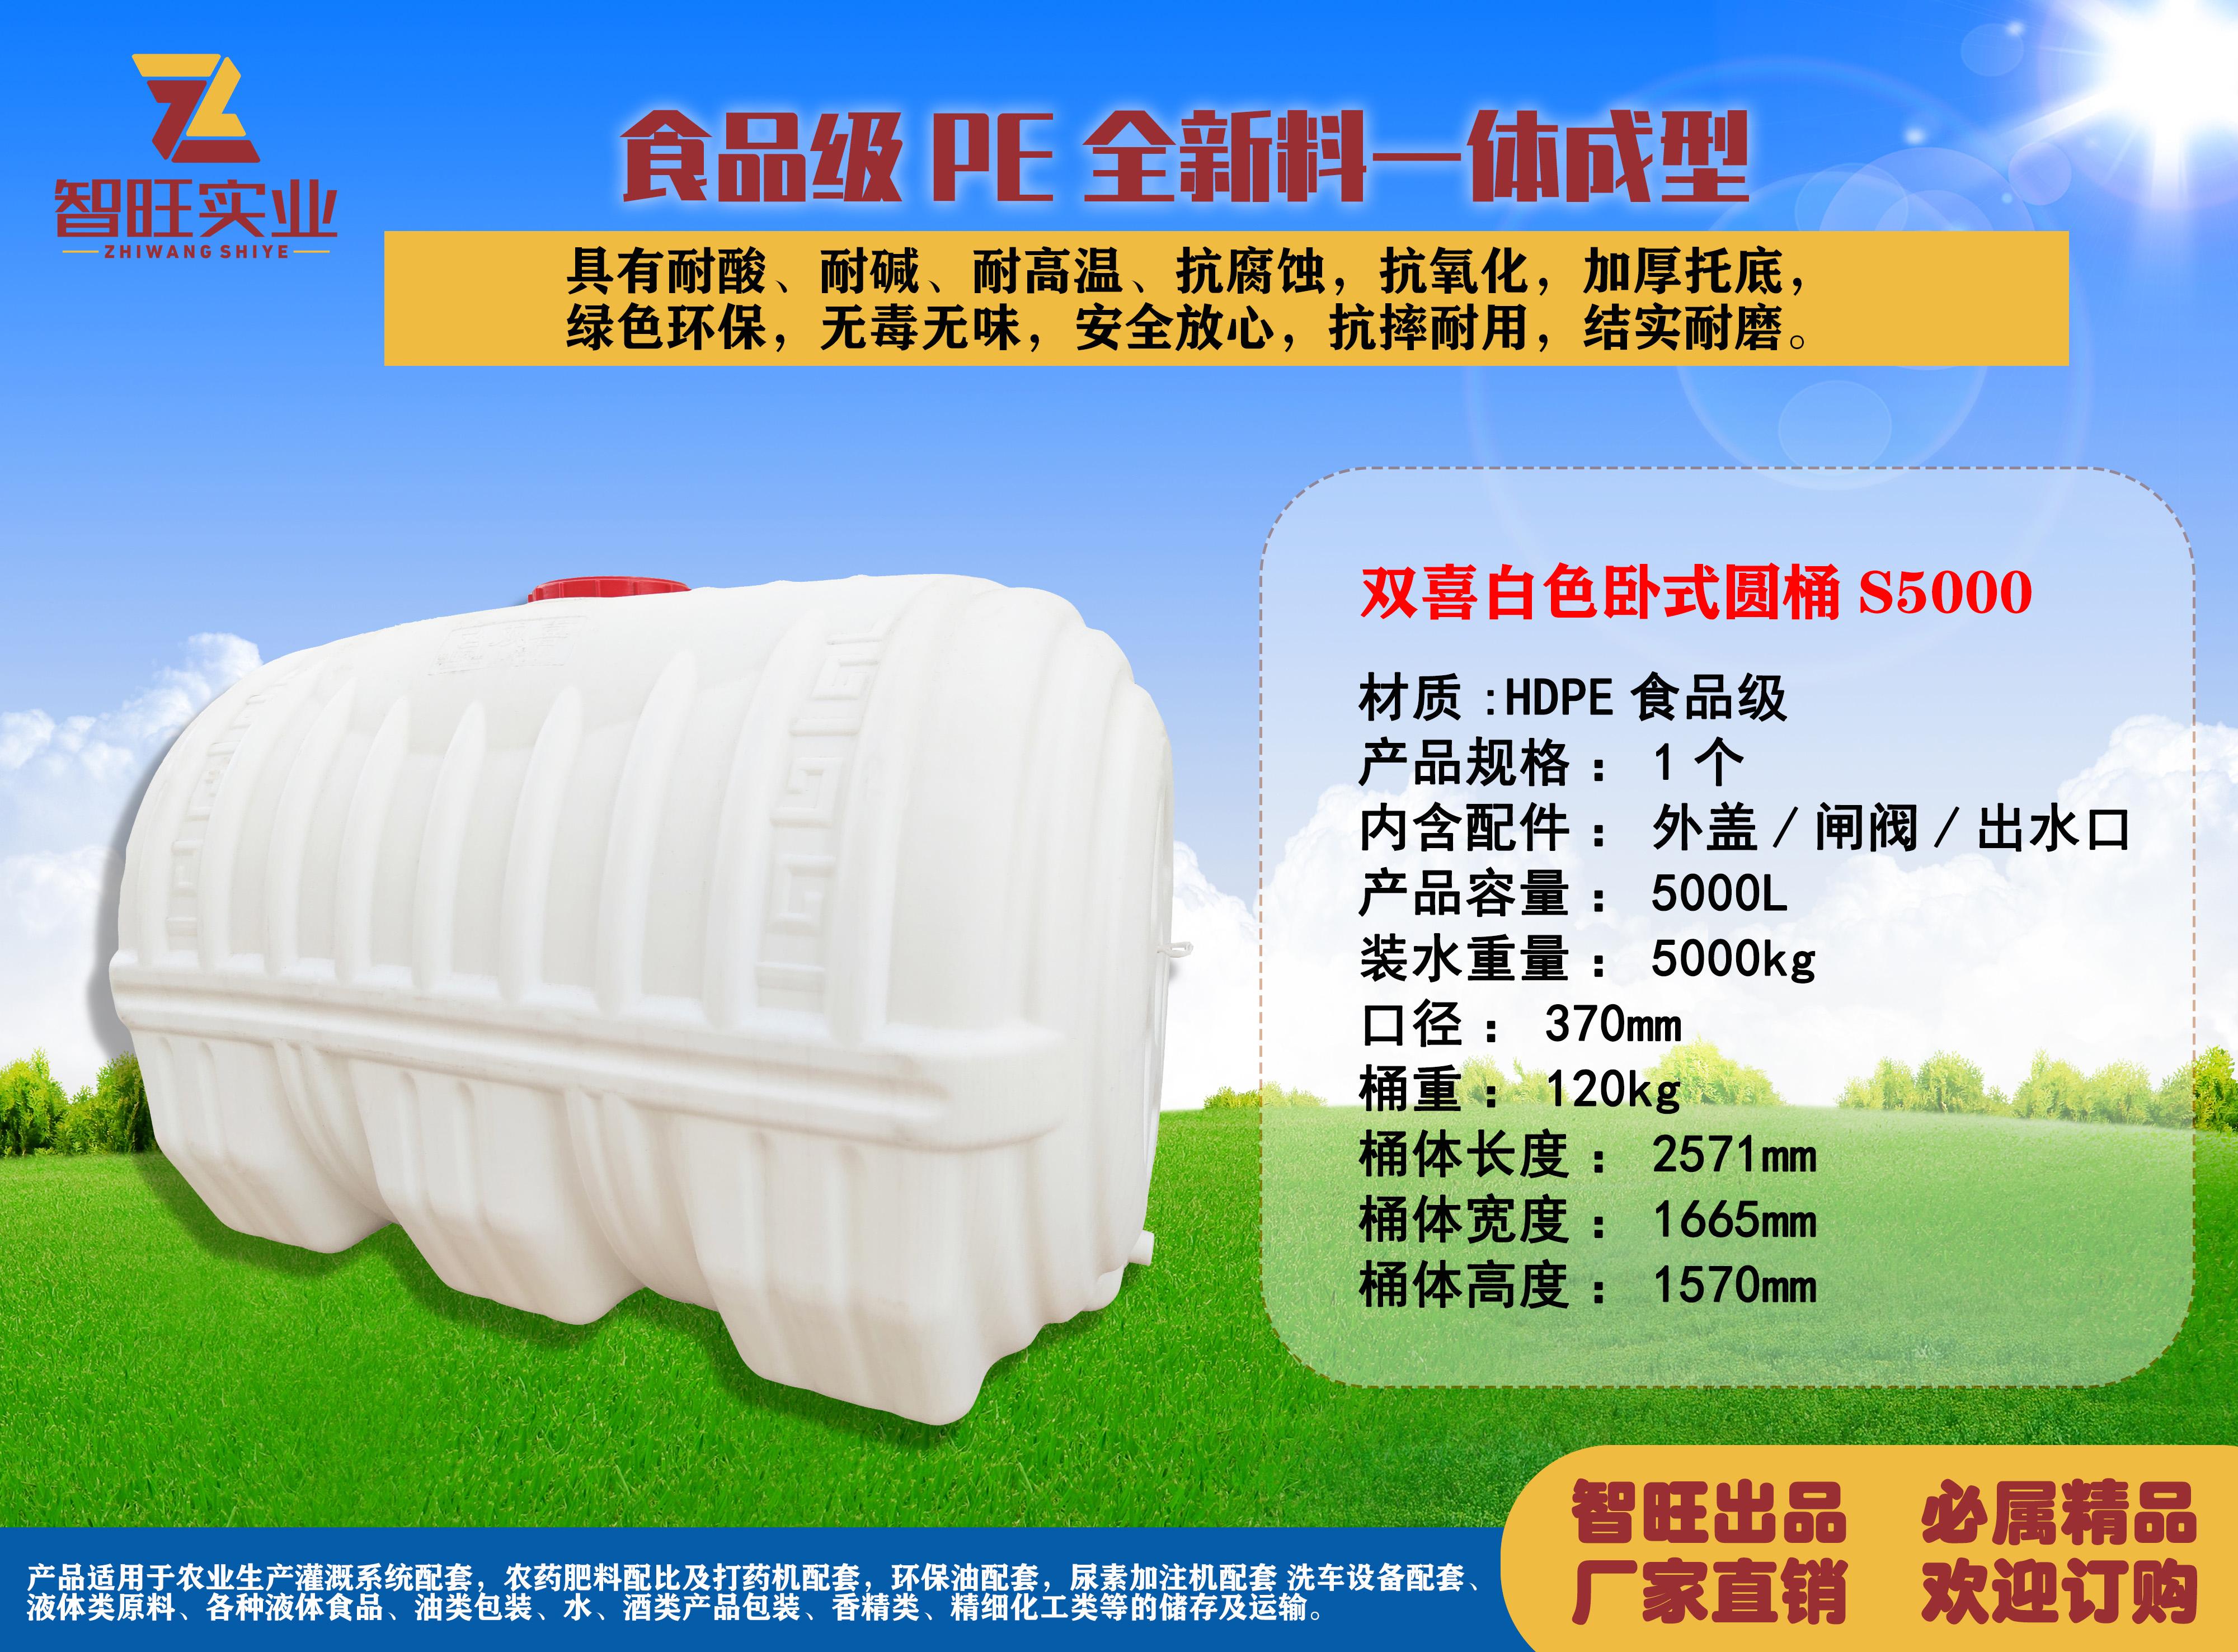 雙喜白色臥式圓桶S5000